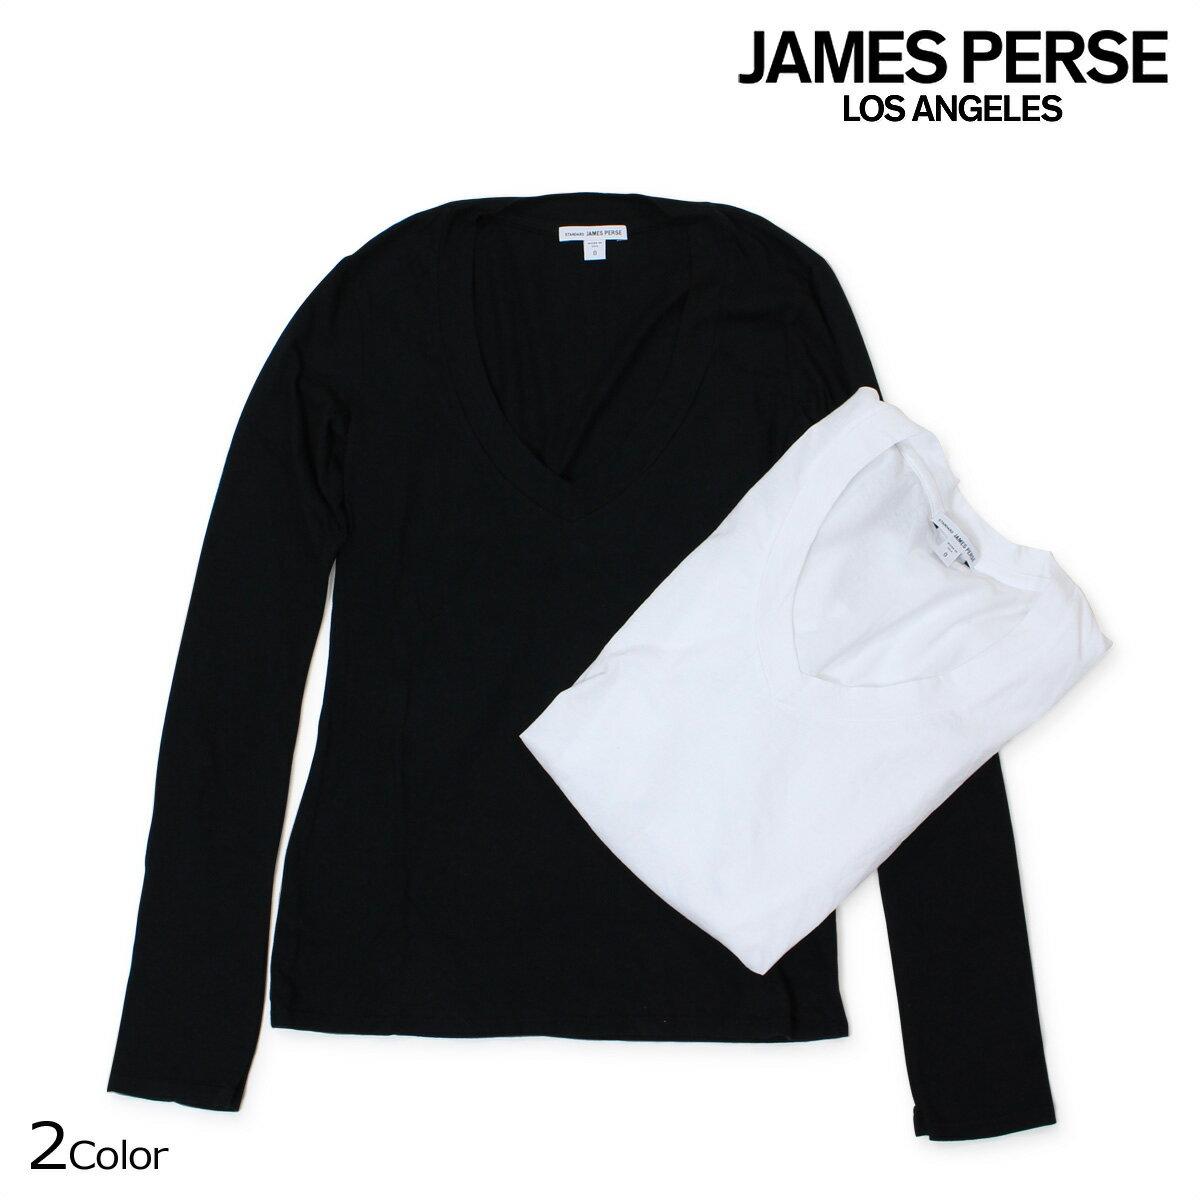 ジェームスパース Tシャツ JAMES PERSE レディース トップス ロンT カットソー L/S RELAXED CASUAL V-NECK